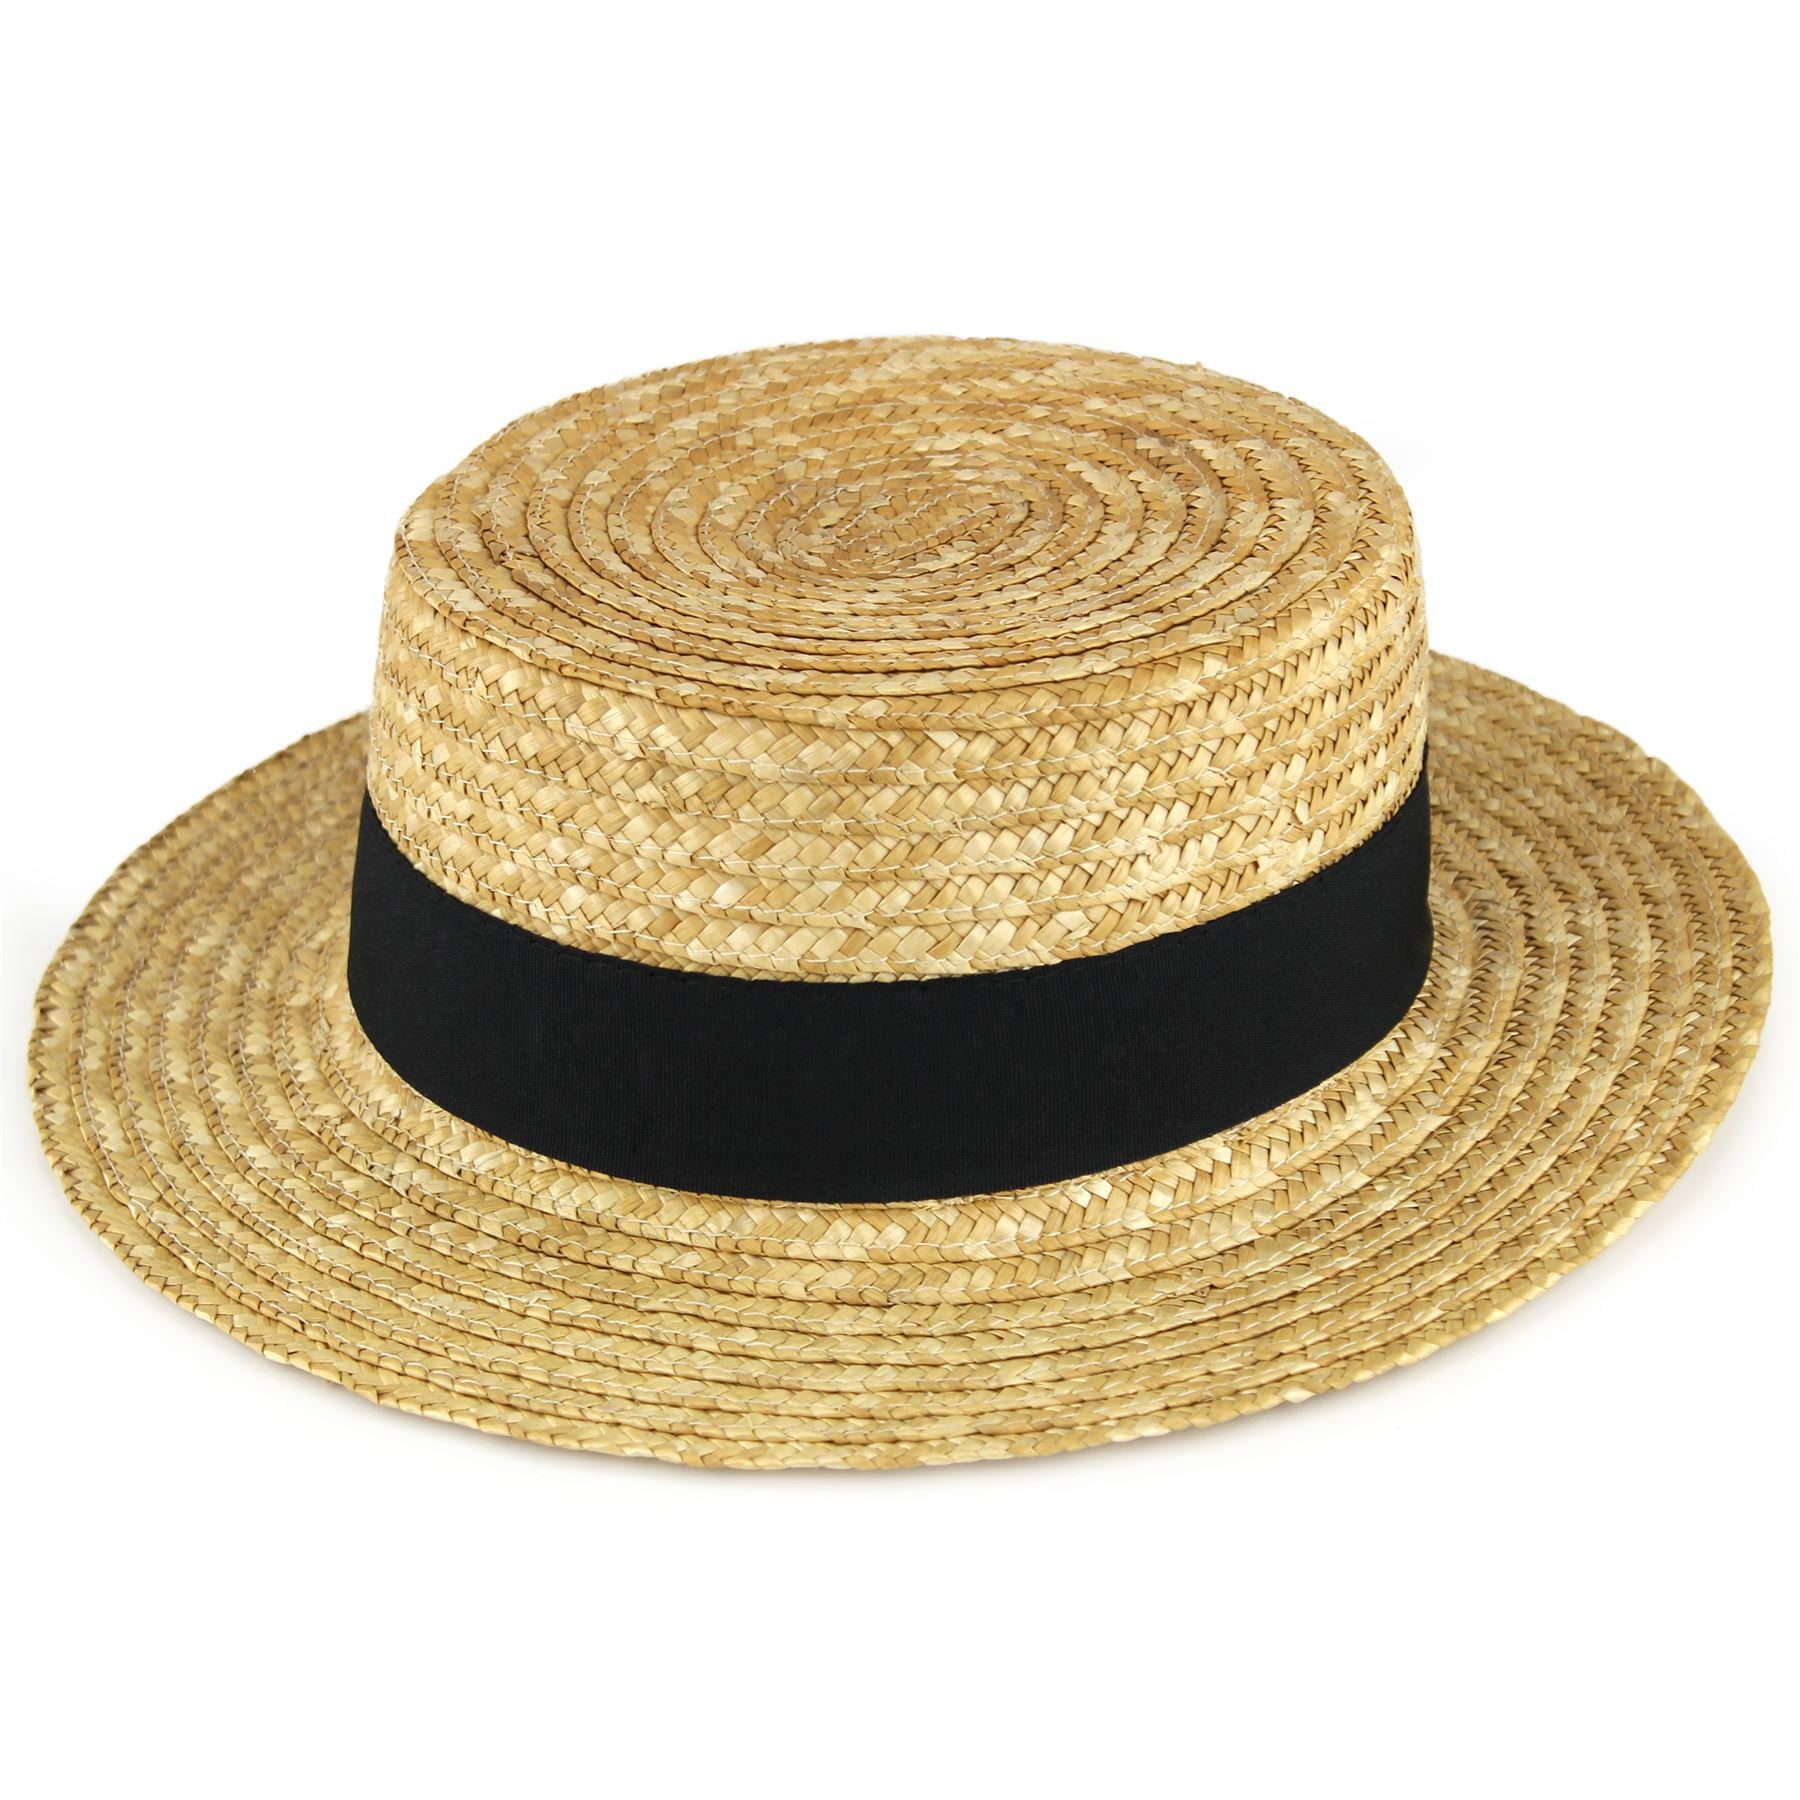 538b6e8e3f2 Straw Boater Hat Sailor Skimmer BLACK Band Hawkins Summer Sun Cap